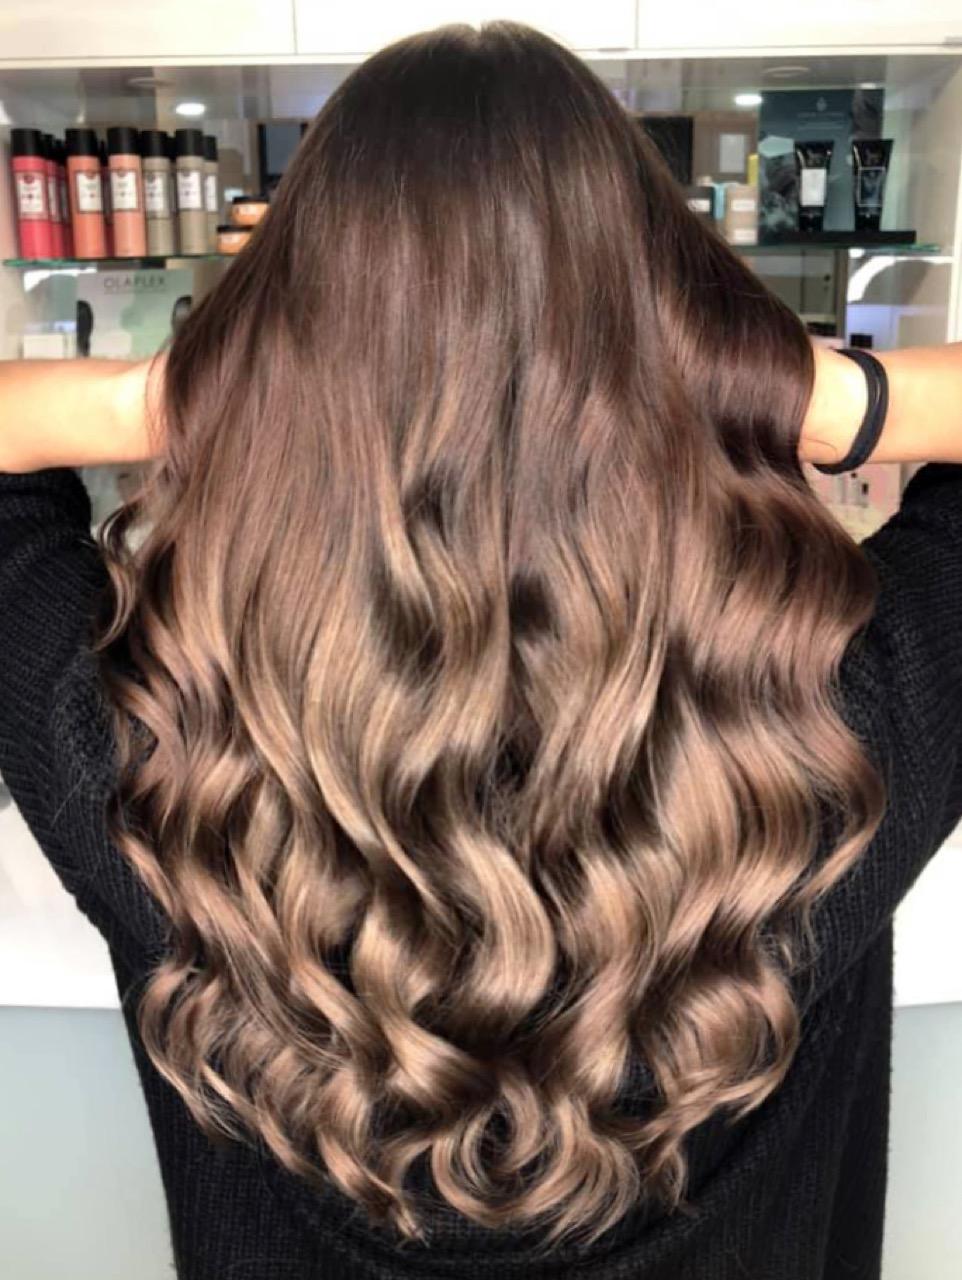 Färben haare braun mit strähnen blonden 50 Stilvolle